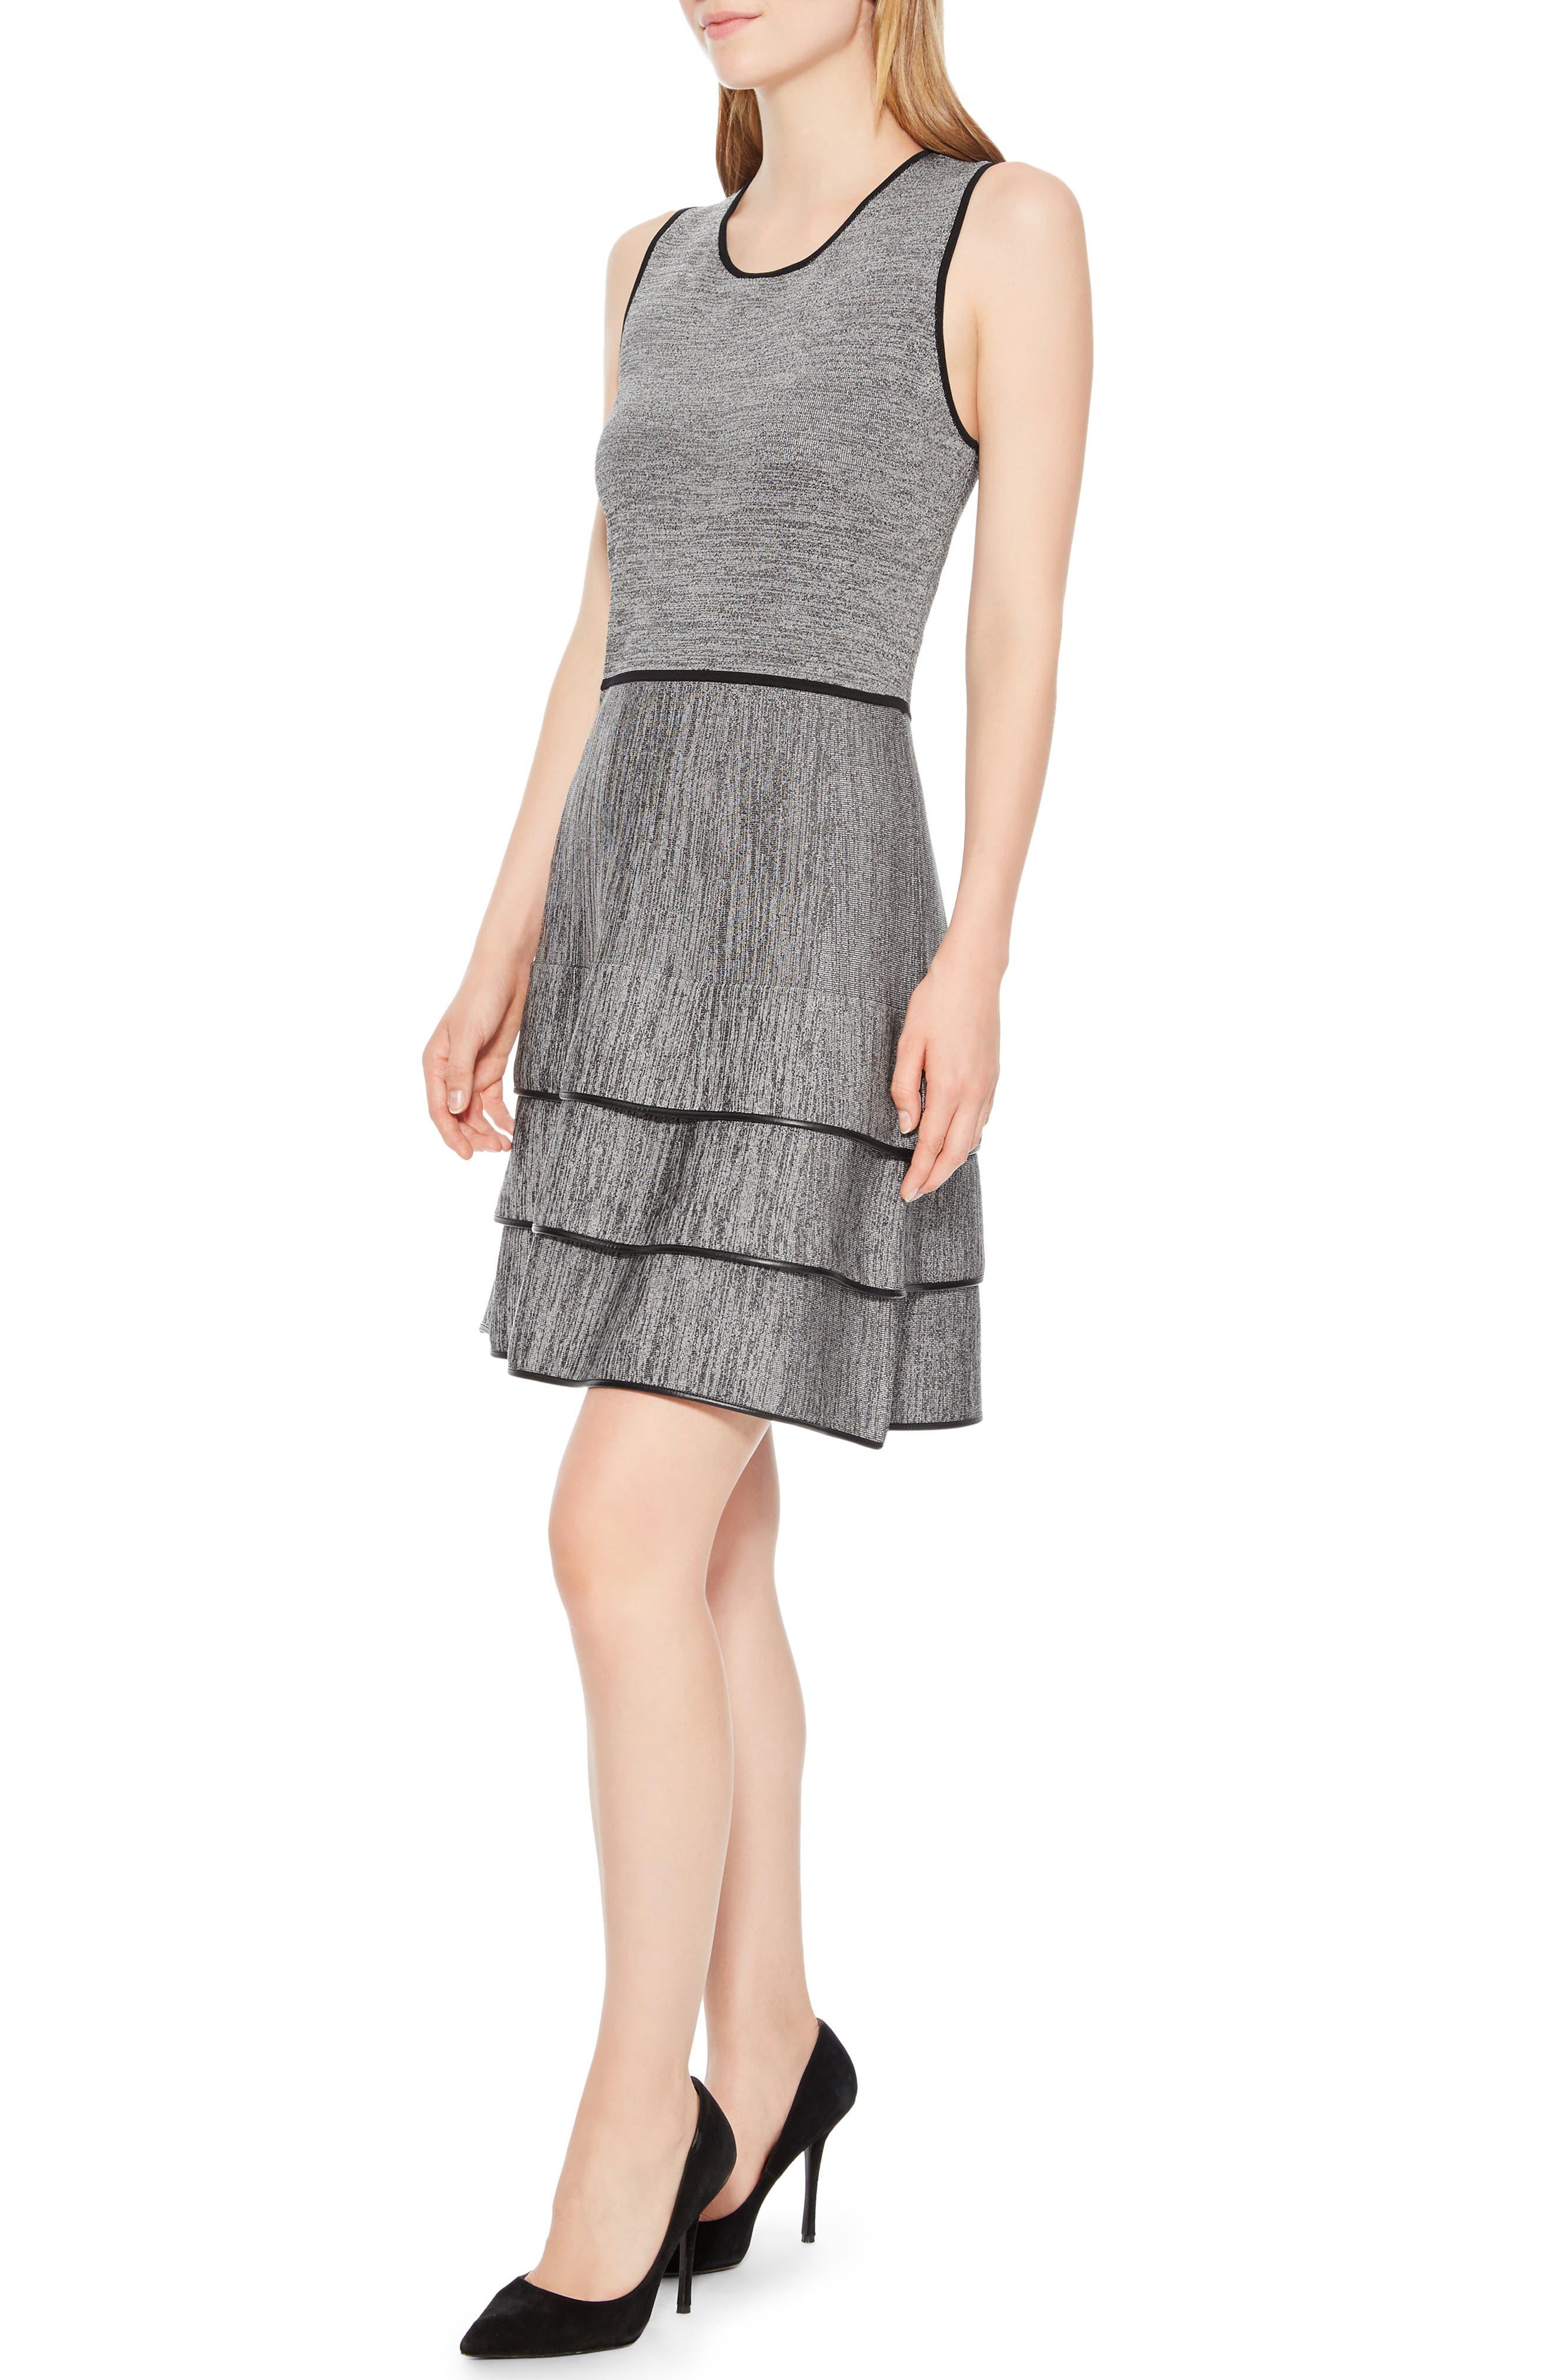 Sondra Knit Dress,                             Alternate thumbnail 3, color,                             005